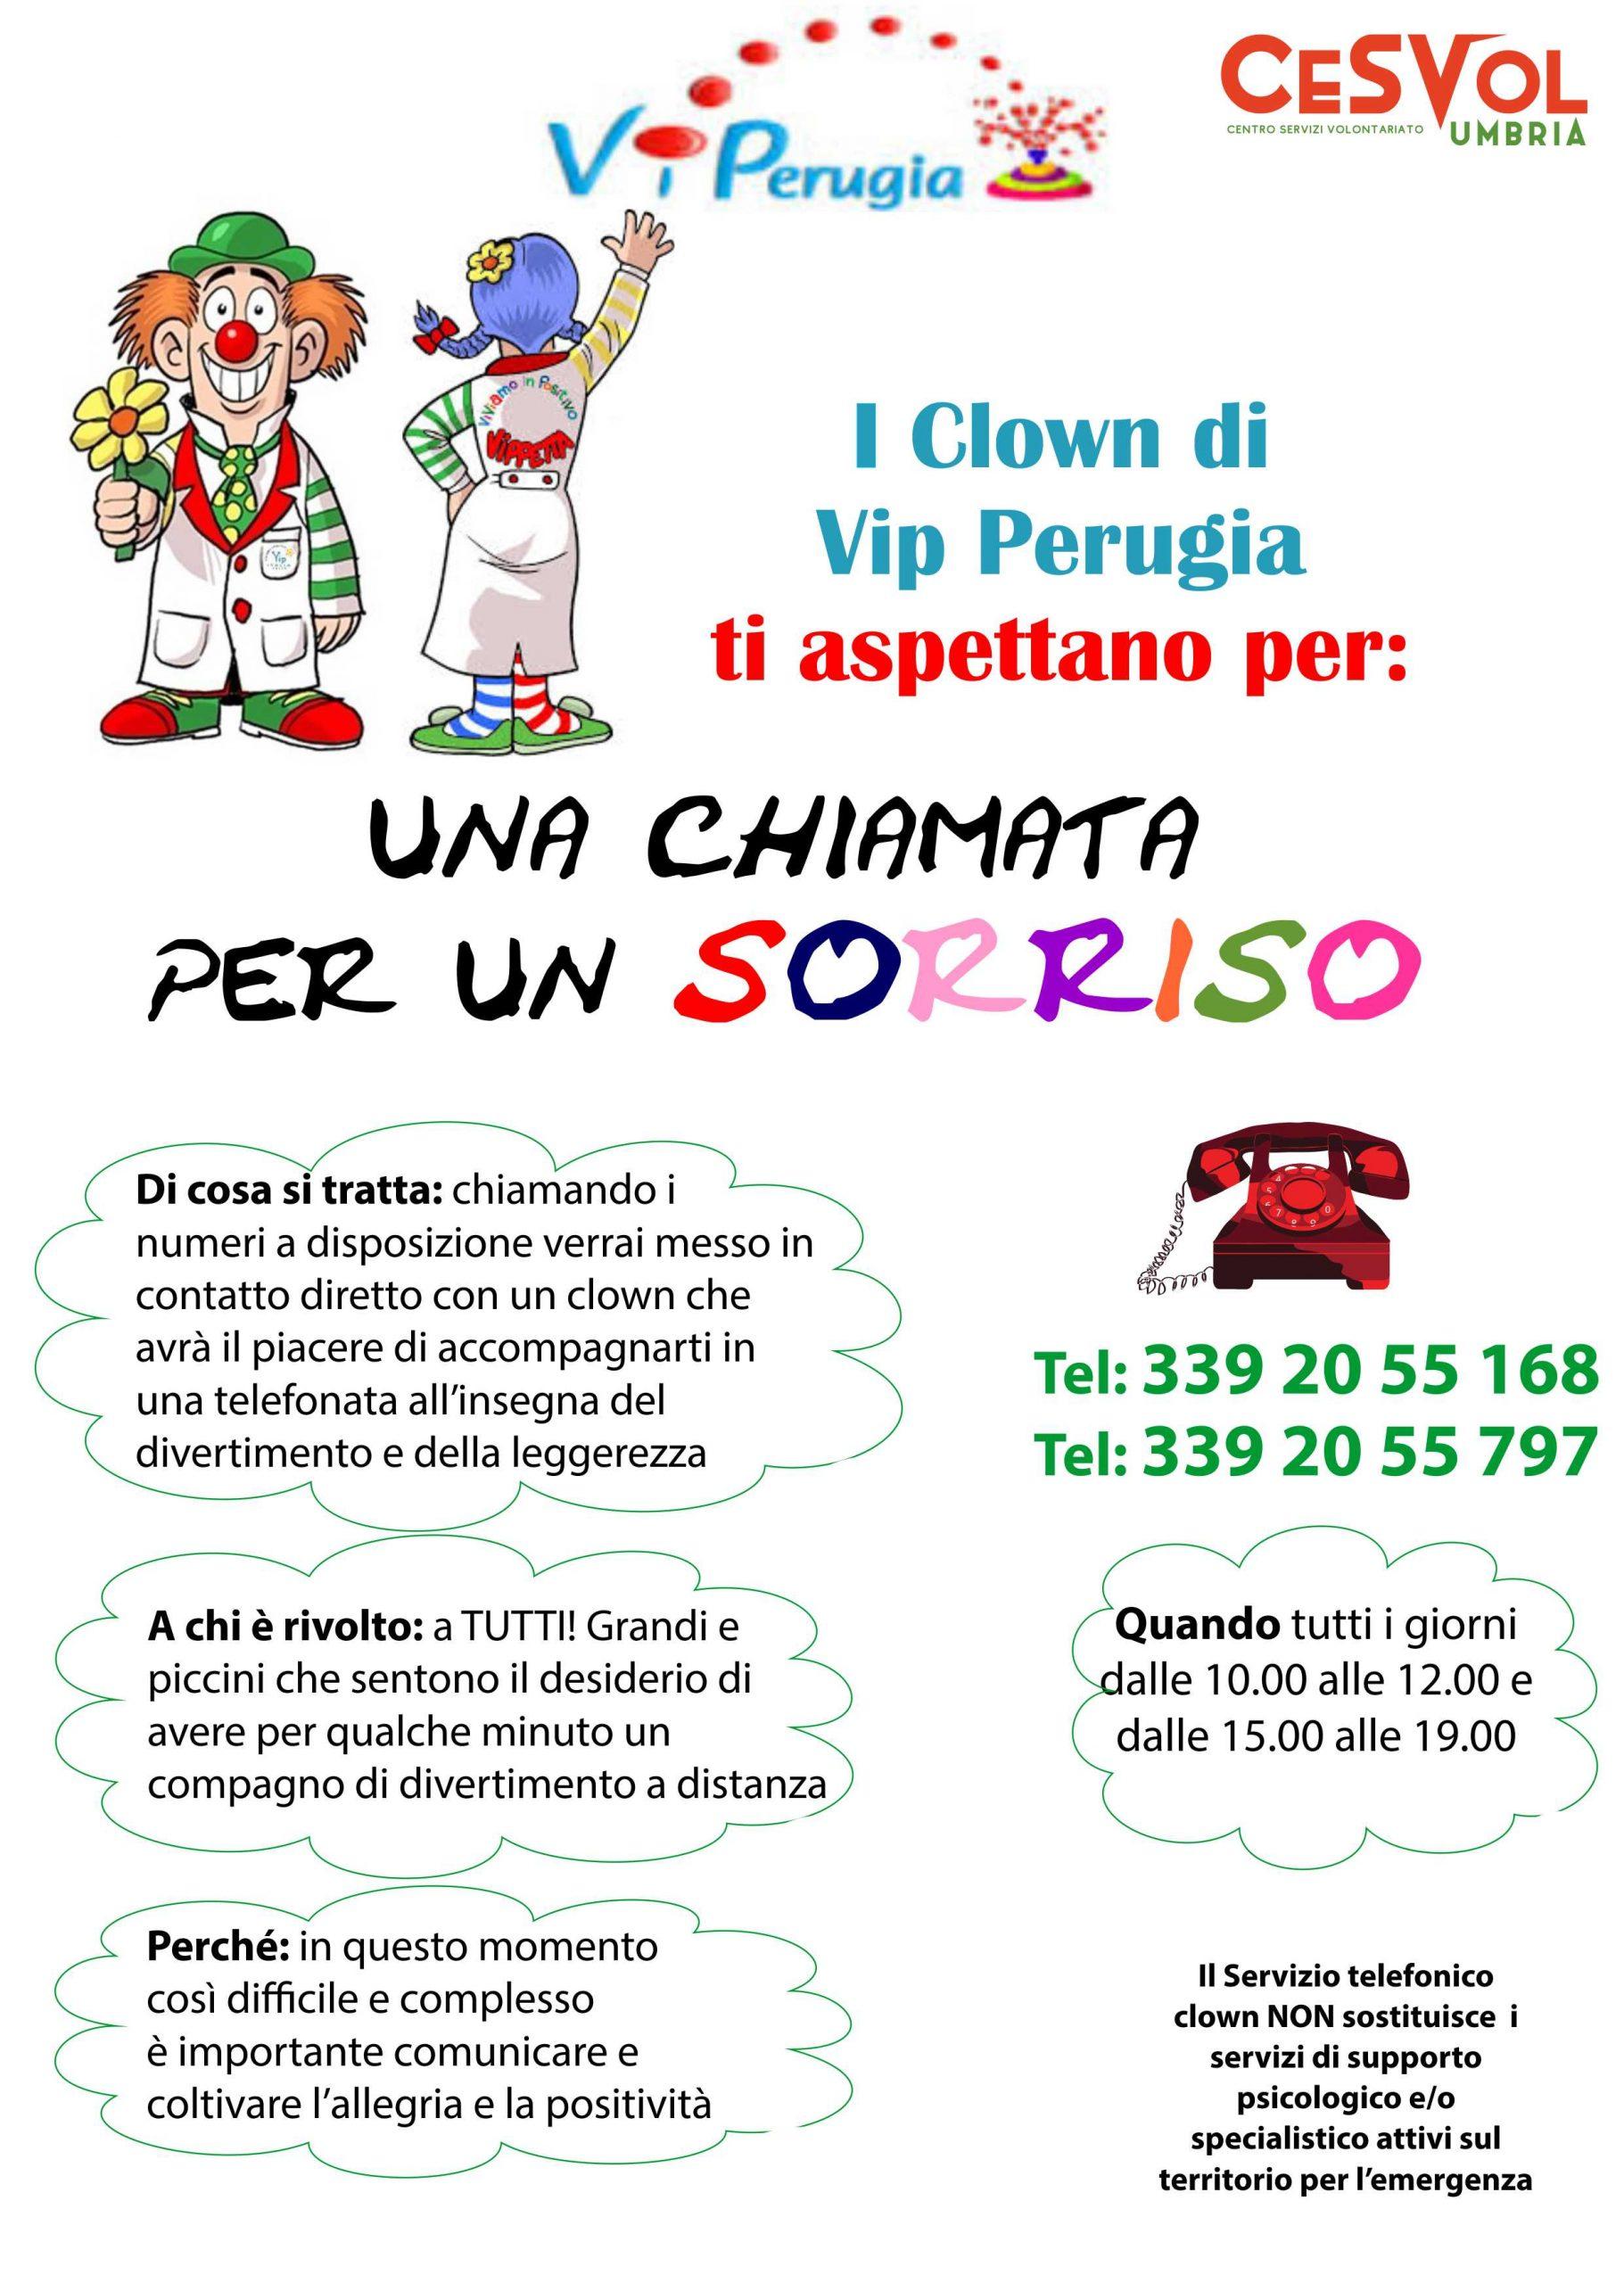 Una chiamata per un sorriso: i clown di Vip Perugia alla cornetta